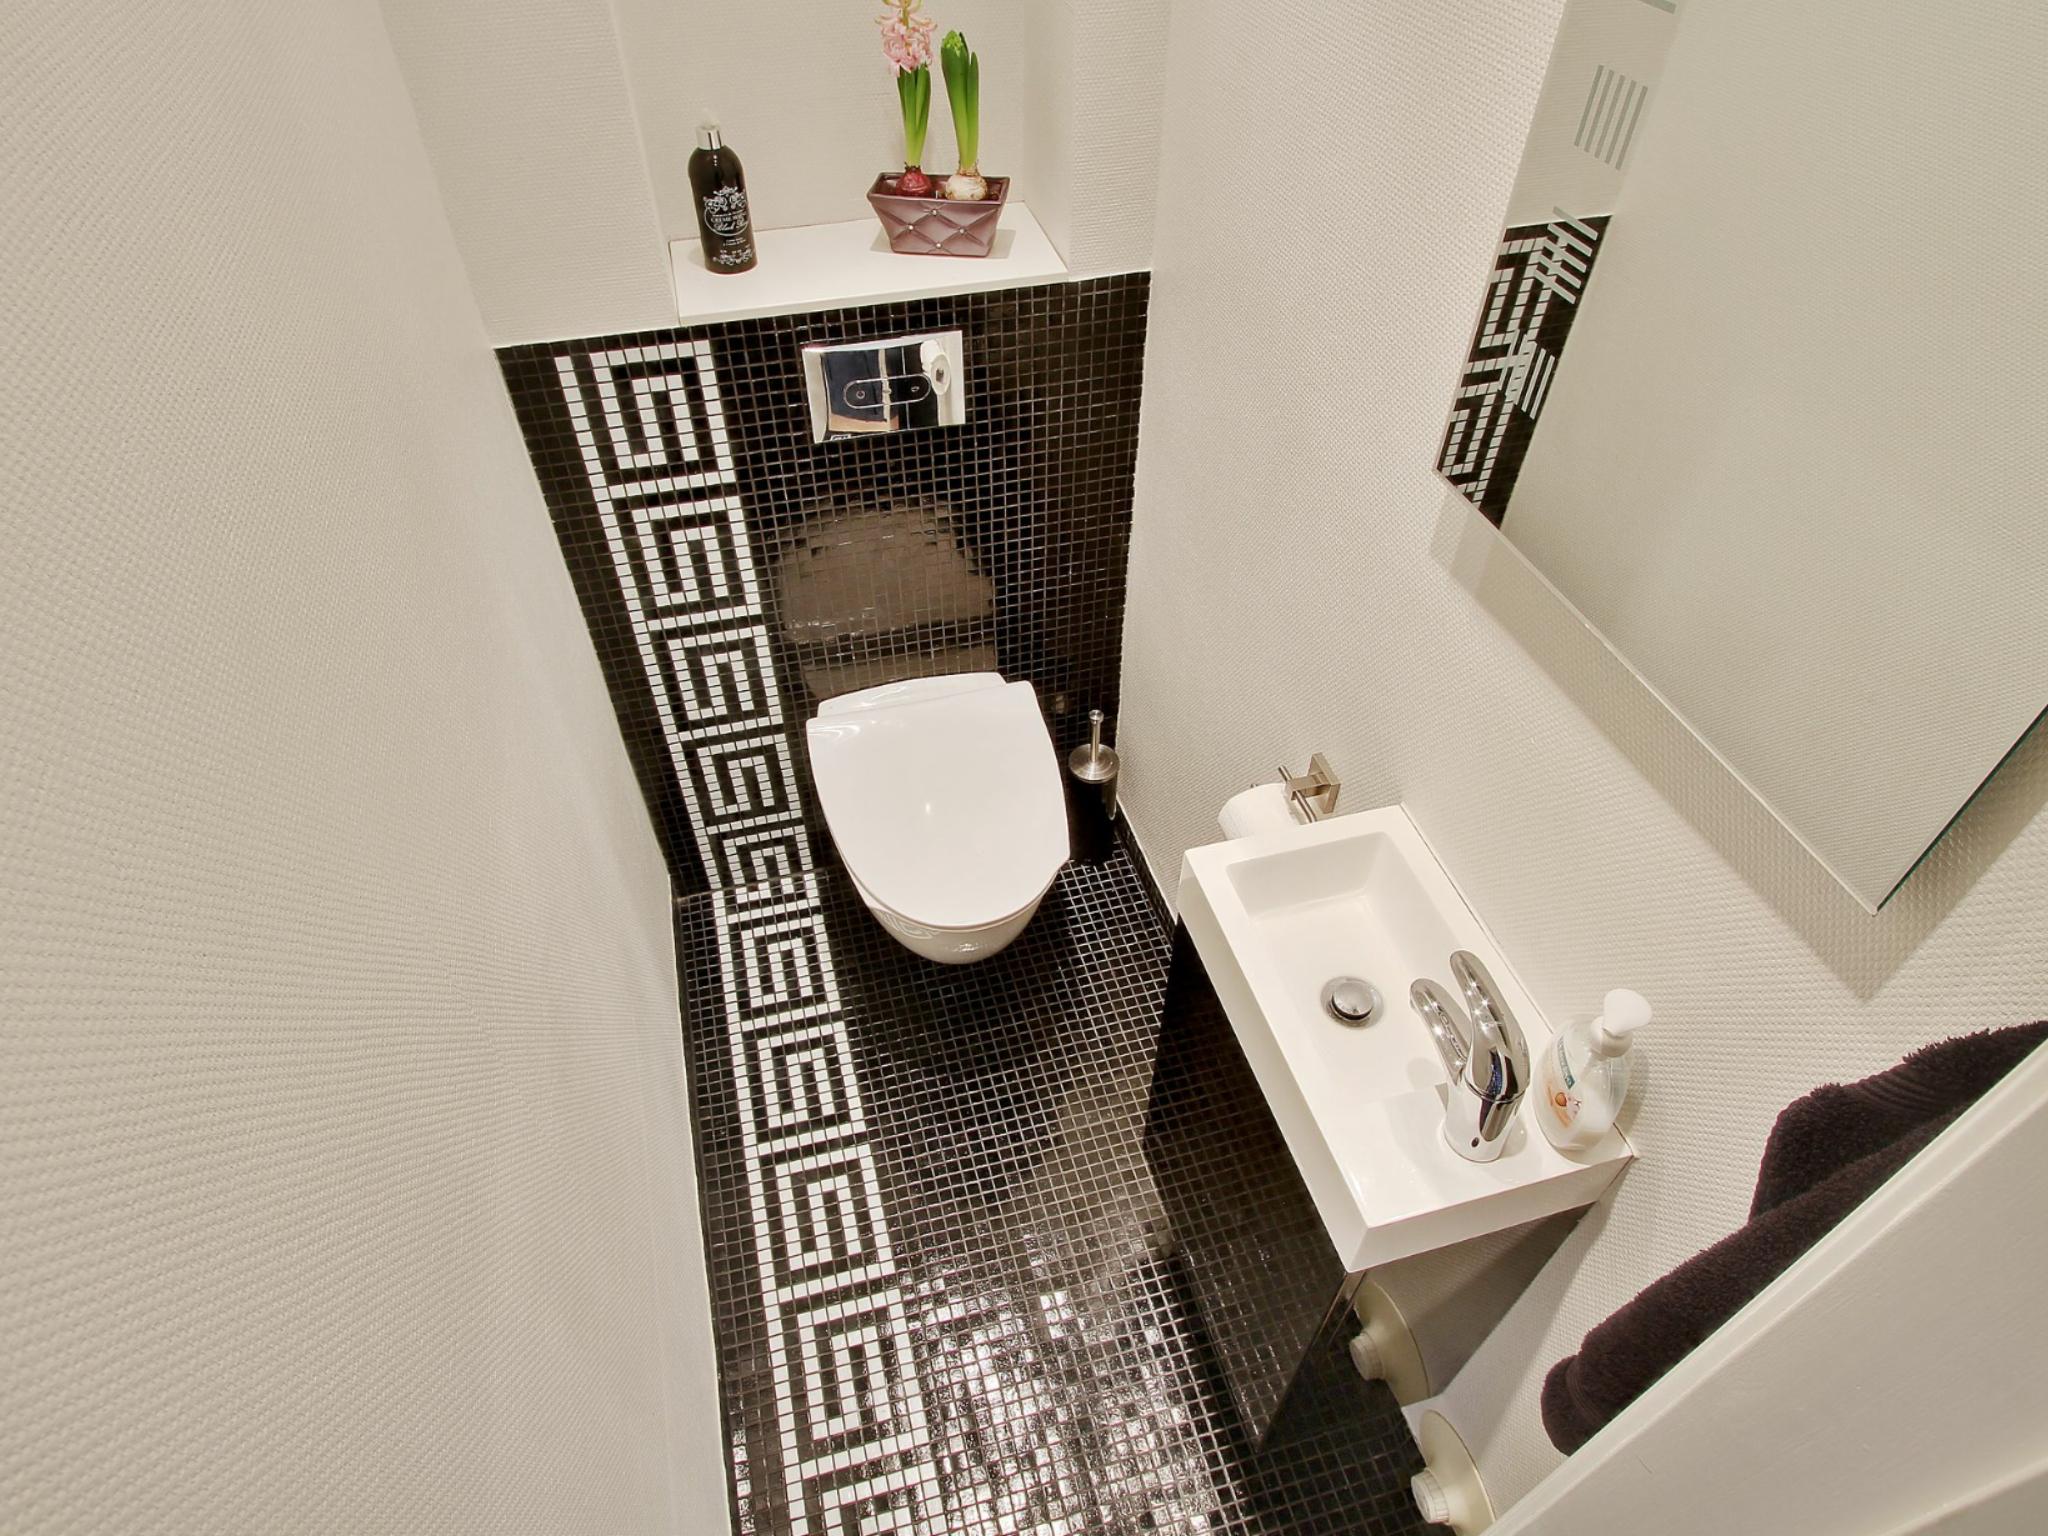 Design bilik air kecil moden dengan tema putih kontemporari